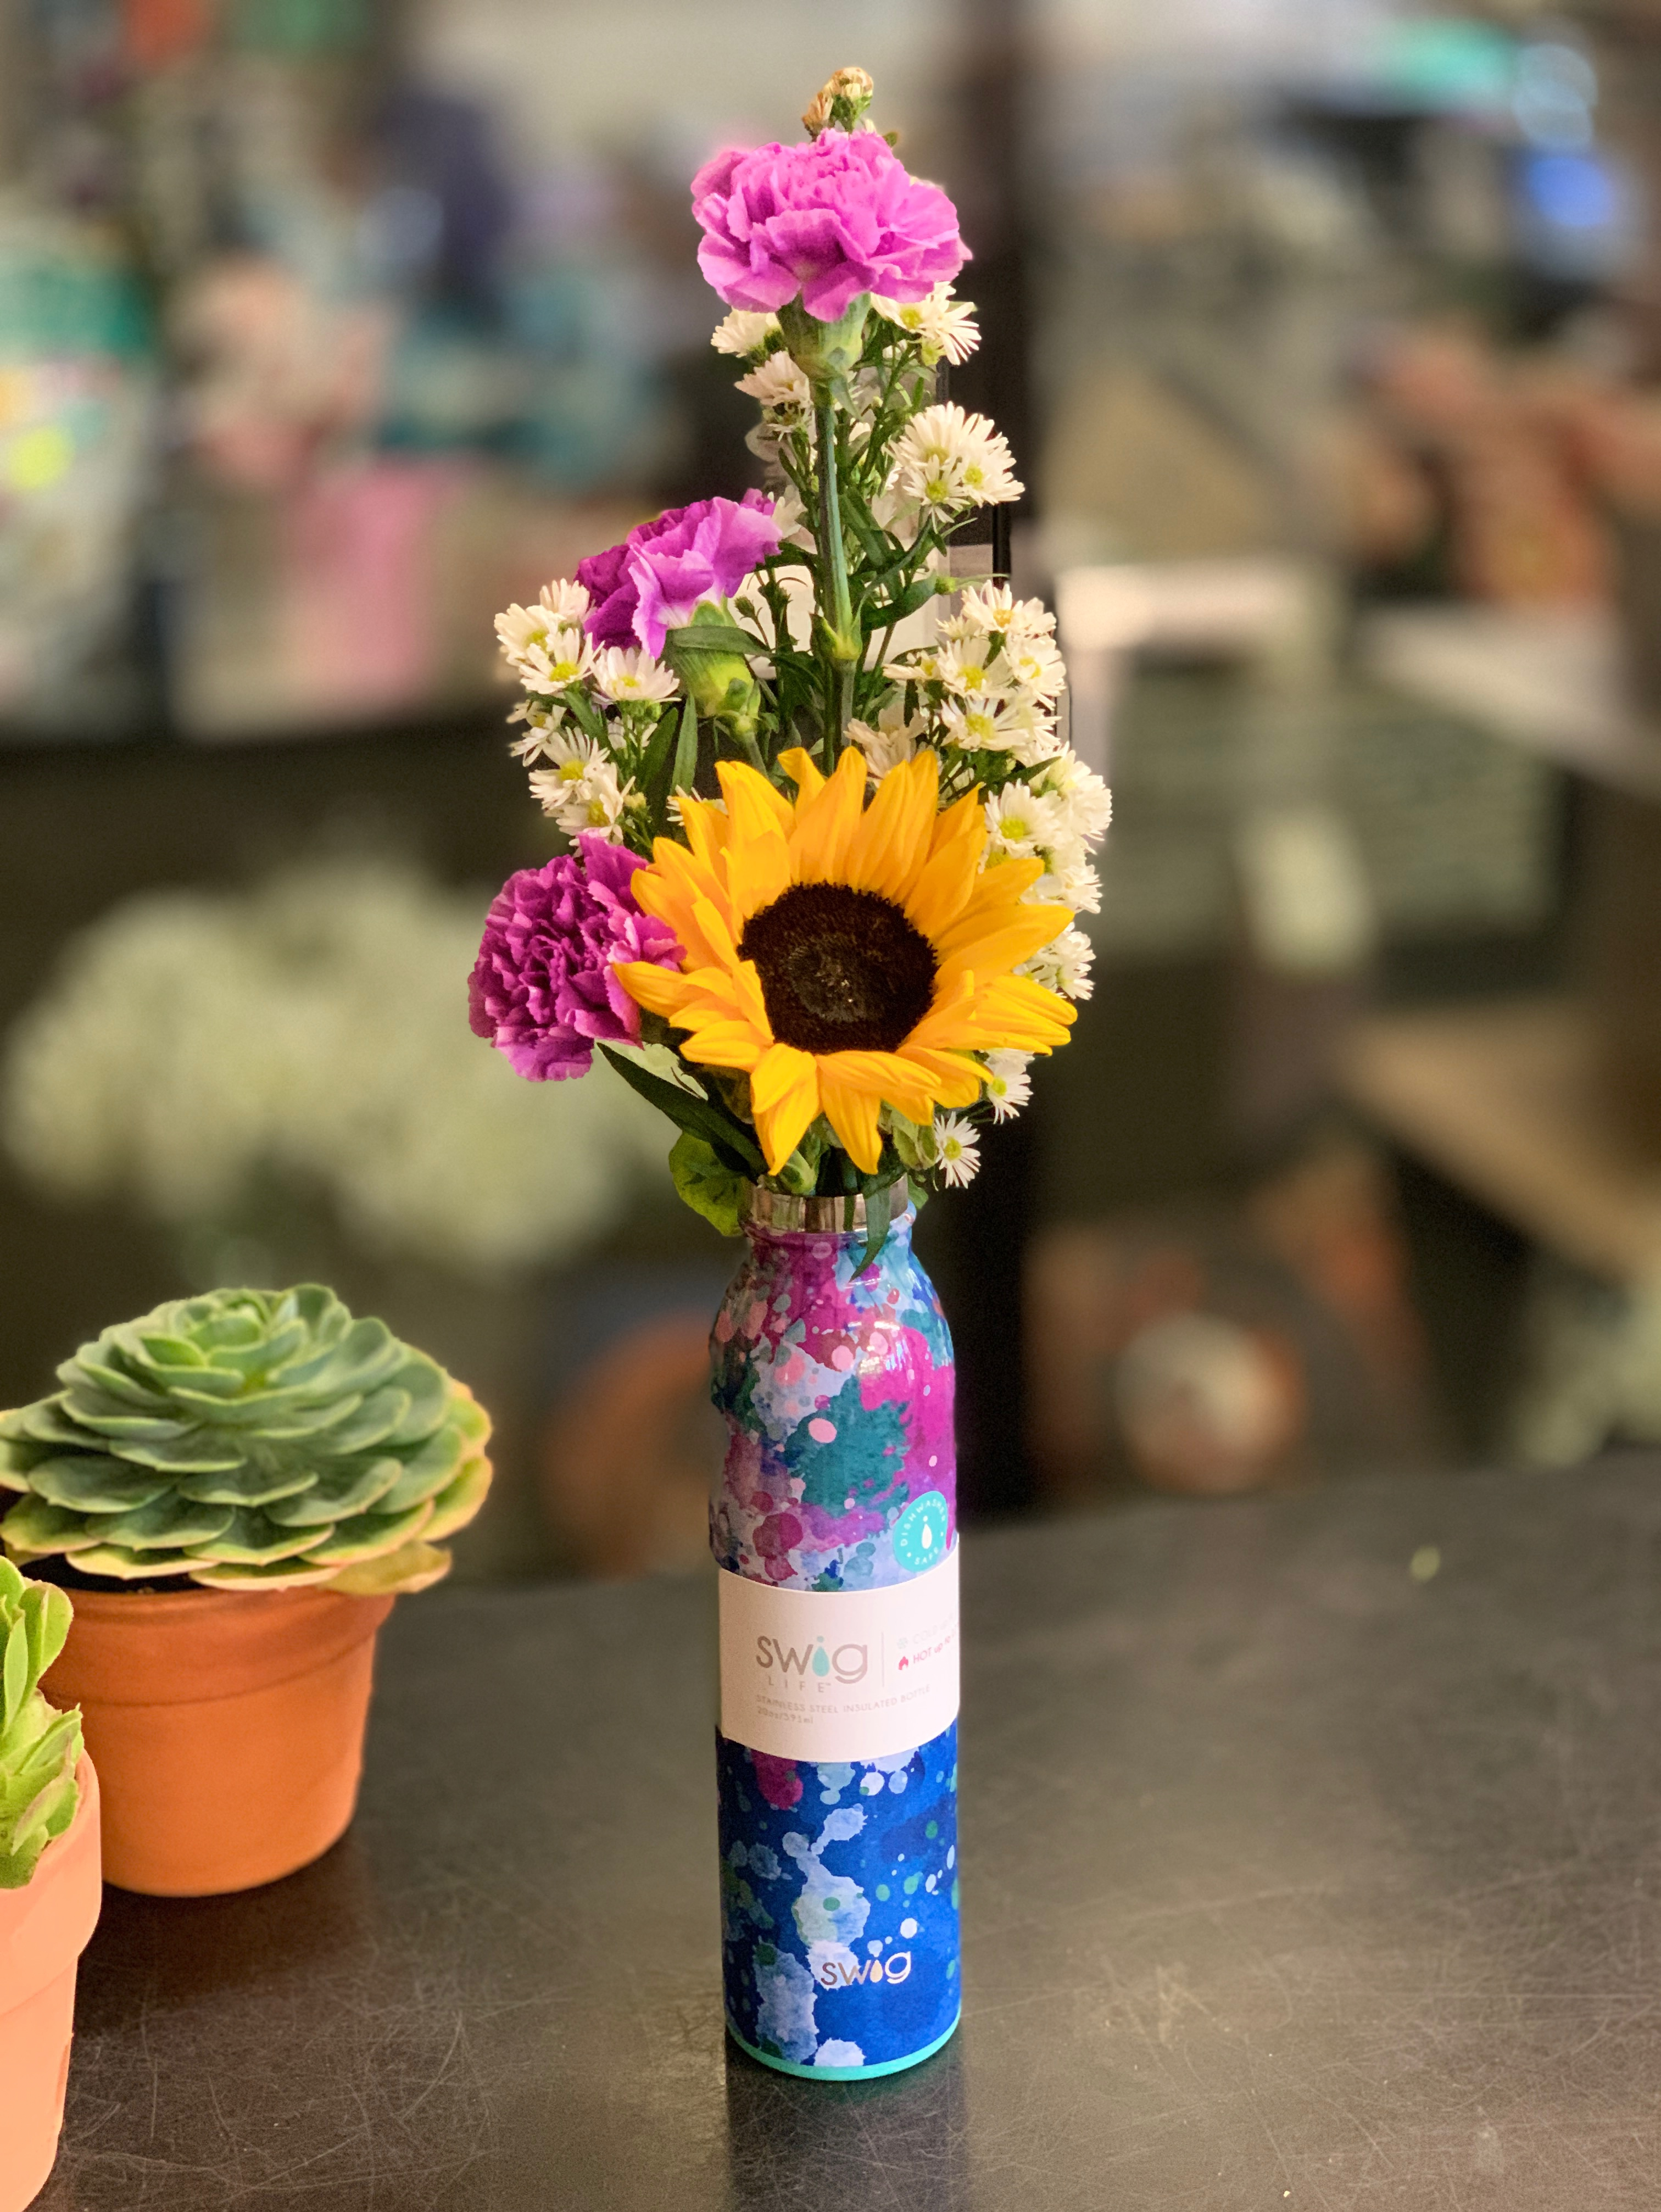 The Swig Vase